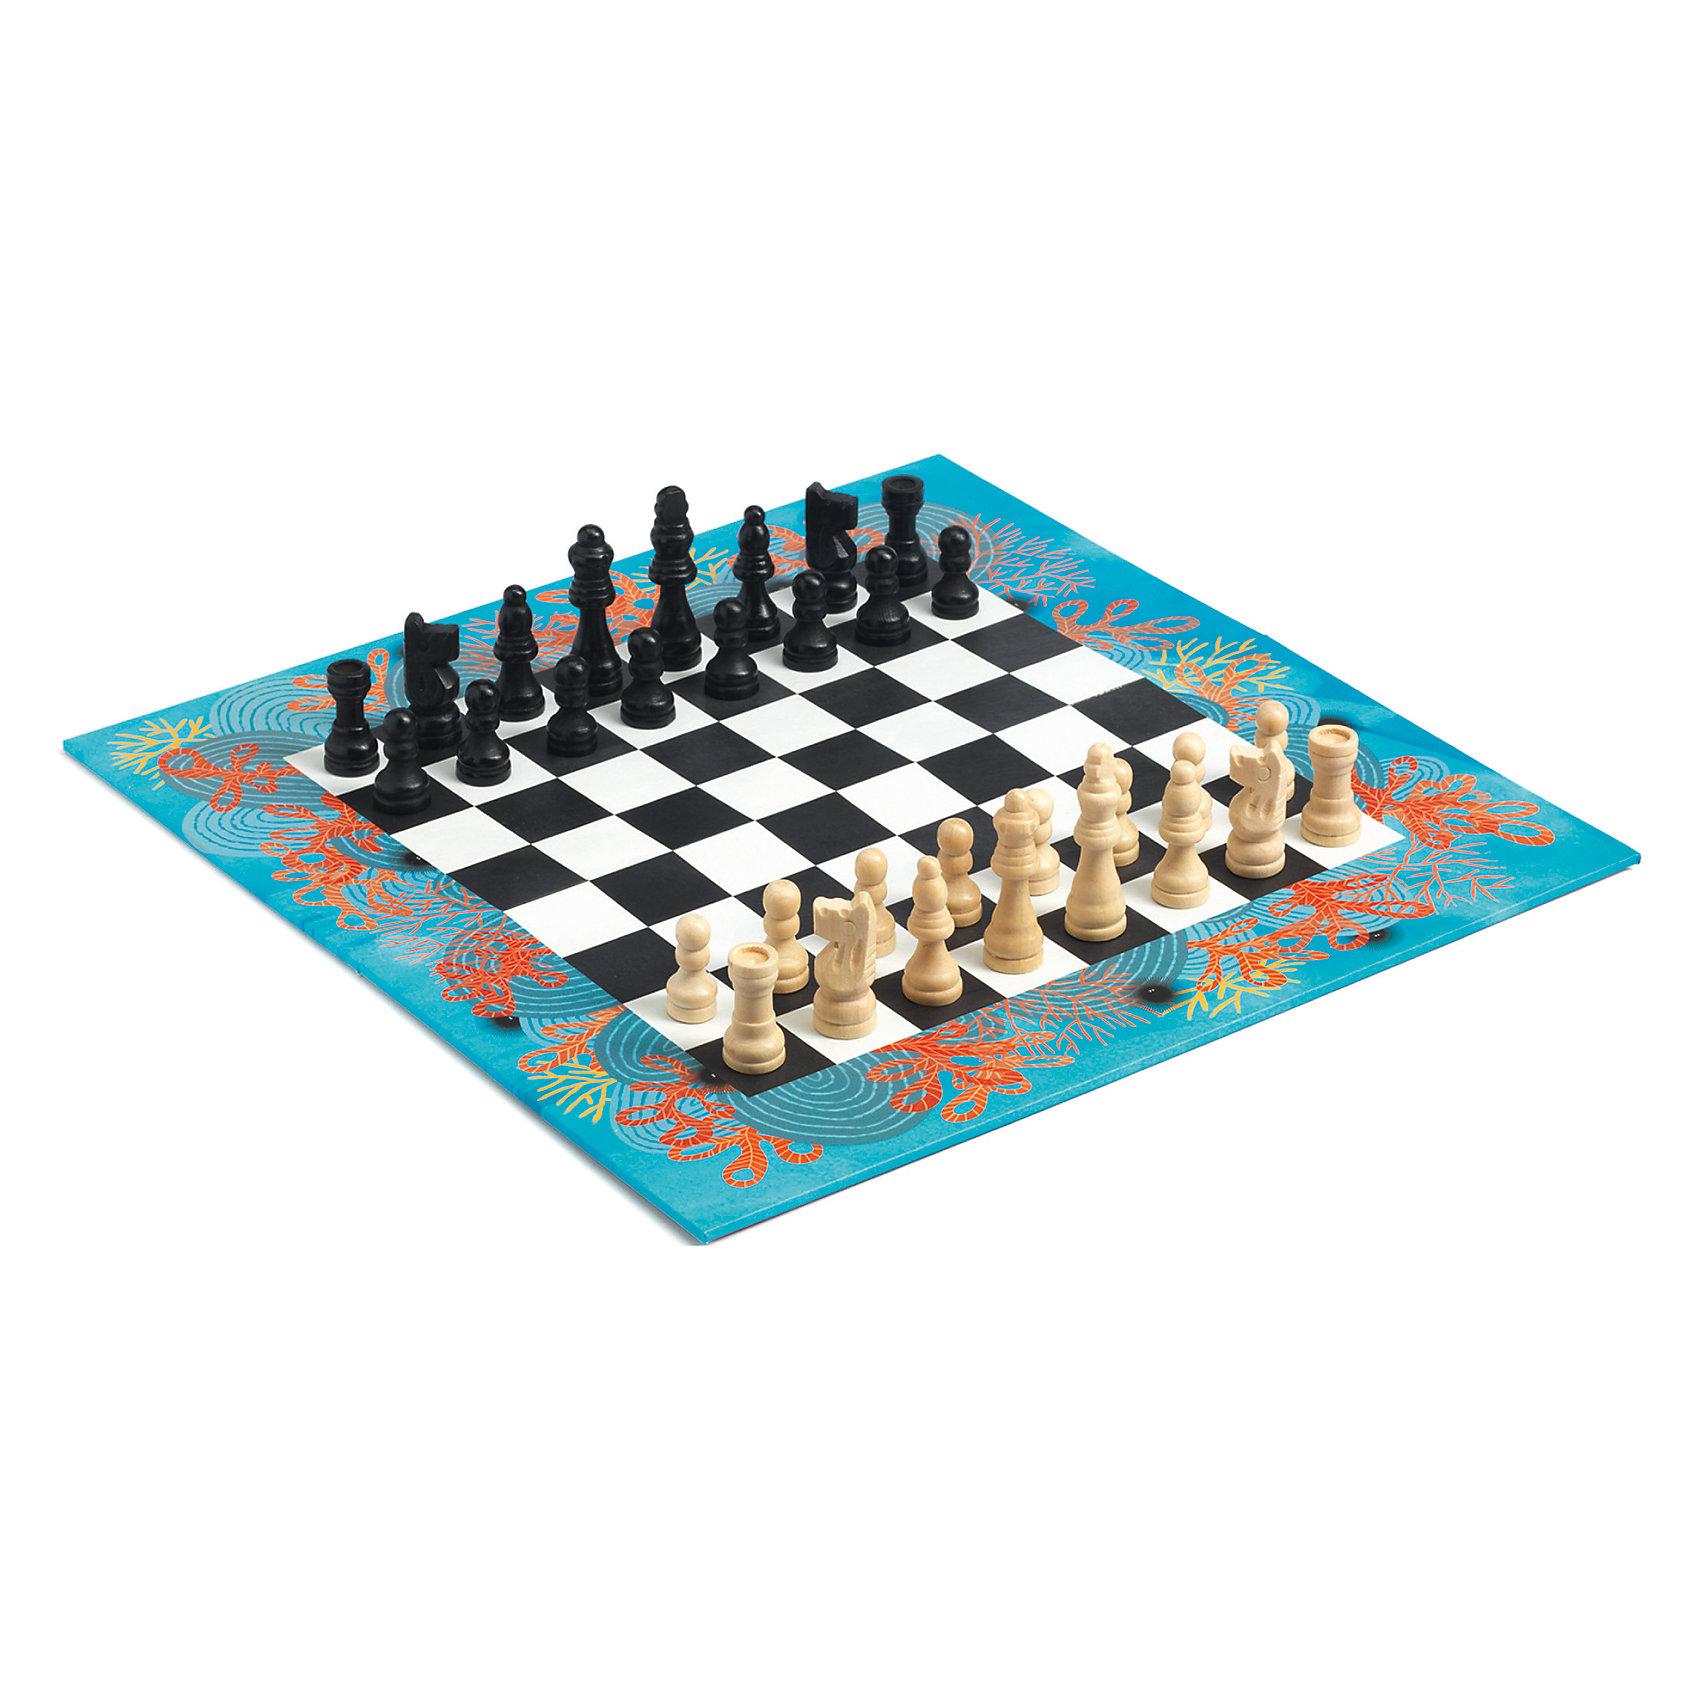 Шахматы, DJECOСпортивные настольные игры<br>Шахматы от французского производителя Djeco – великолепный набор, который понравится и детям, и взрослым! <br><br>Яркий набор классической игры в неповторимом дизайне Djeco! Набор включает в себя прекрасные деревянные фигурки и иллюстрированную доску для игры. <br><br>Игра в шахматы развивает логическое и стратегическое мышление, внимательность, способность к принятию решений. <br><br>Набор изготовлен из безопасных высококачественных материалов. <br>Продается в яркой подарочной упаковке.<br><br>Ширина мм: 380<br>Глубина мм: 160<br>Высота мм: 30<br>Вес г: 300<br>Возраст от месяцев: 36<br>Возраст до месяцев: 1188<br>Пол: Унисекс<br>Возраст: Детский<br>SKU: 4761450